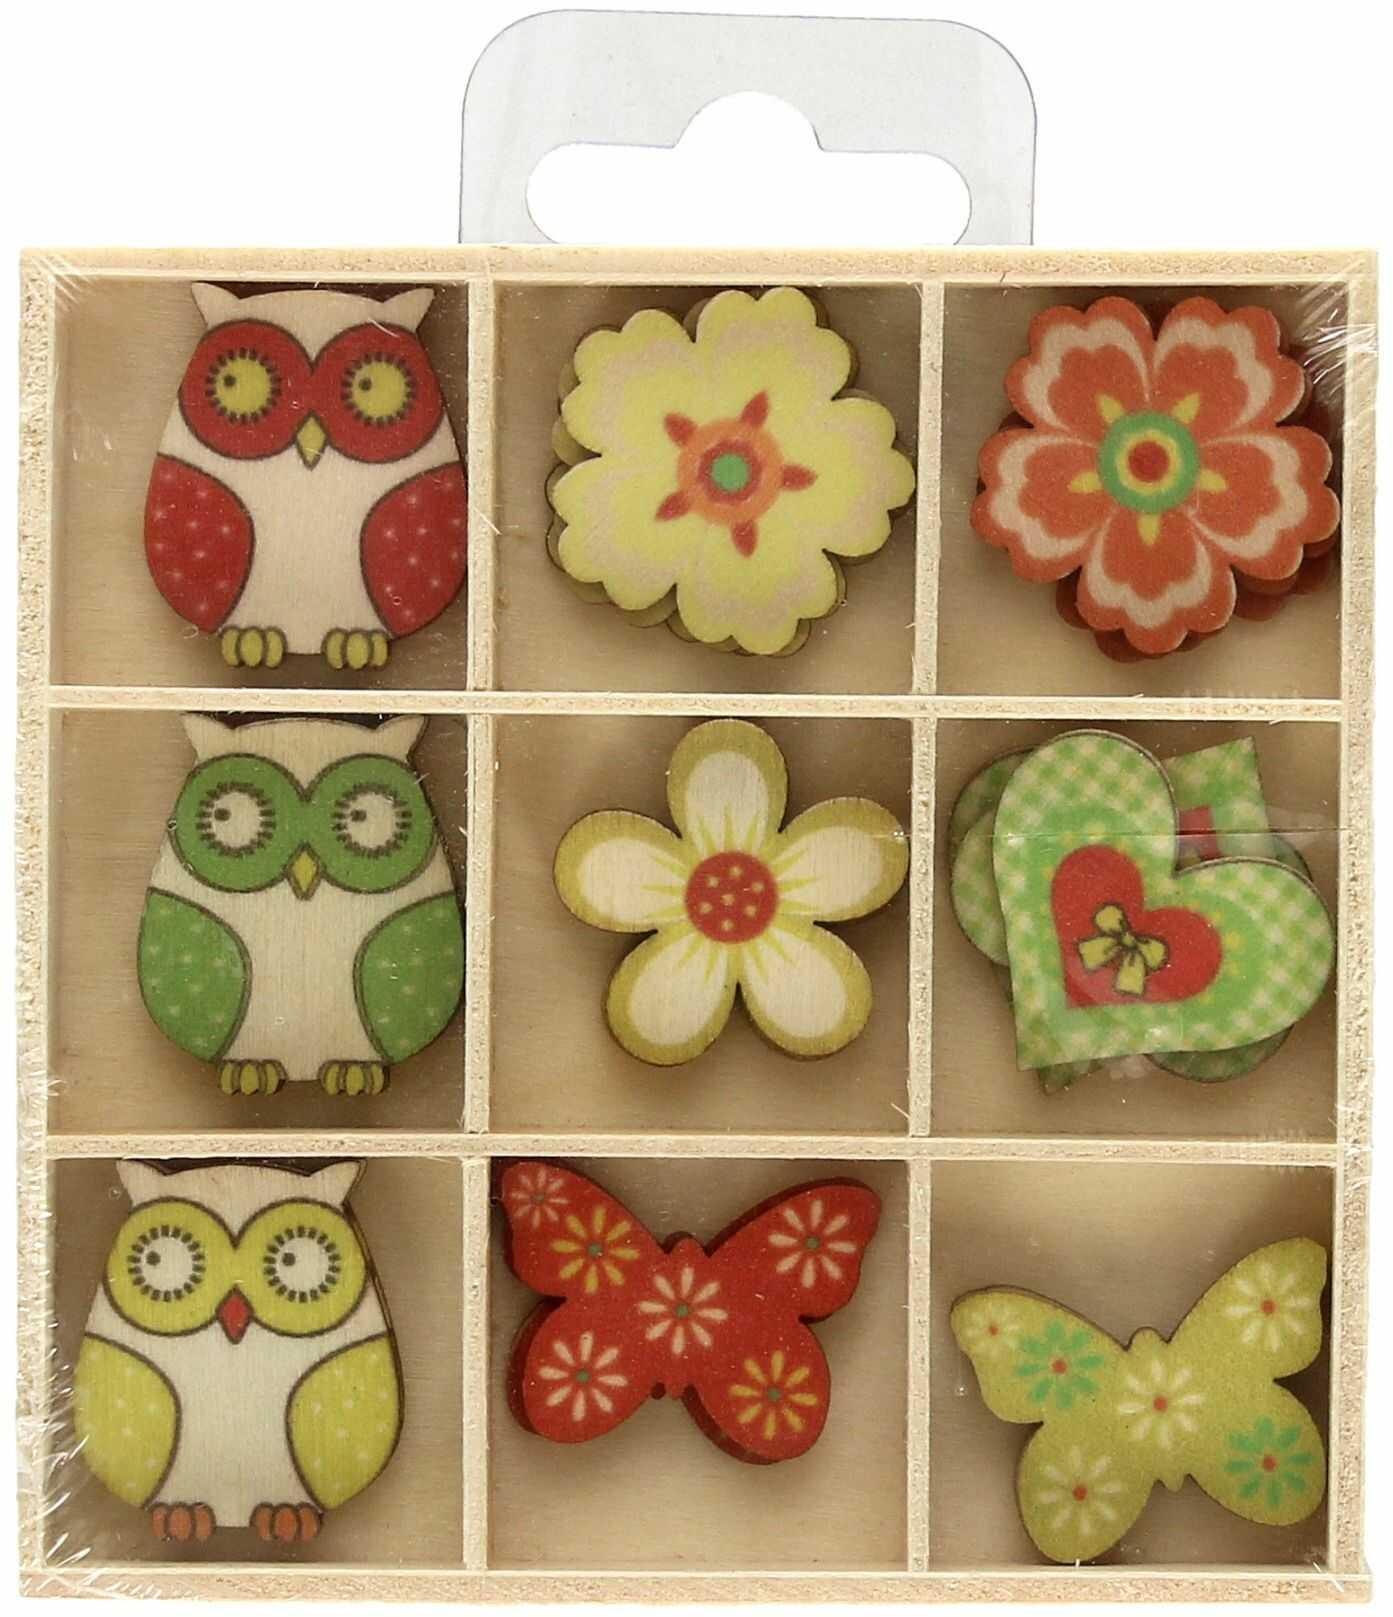 Ozdoby drewniane pudełko Sowy/Kwiaty (27)